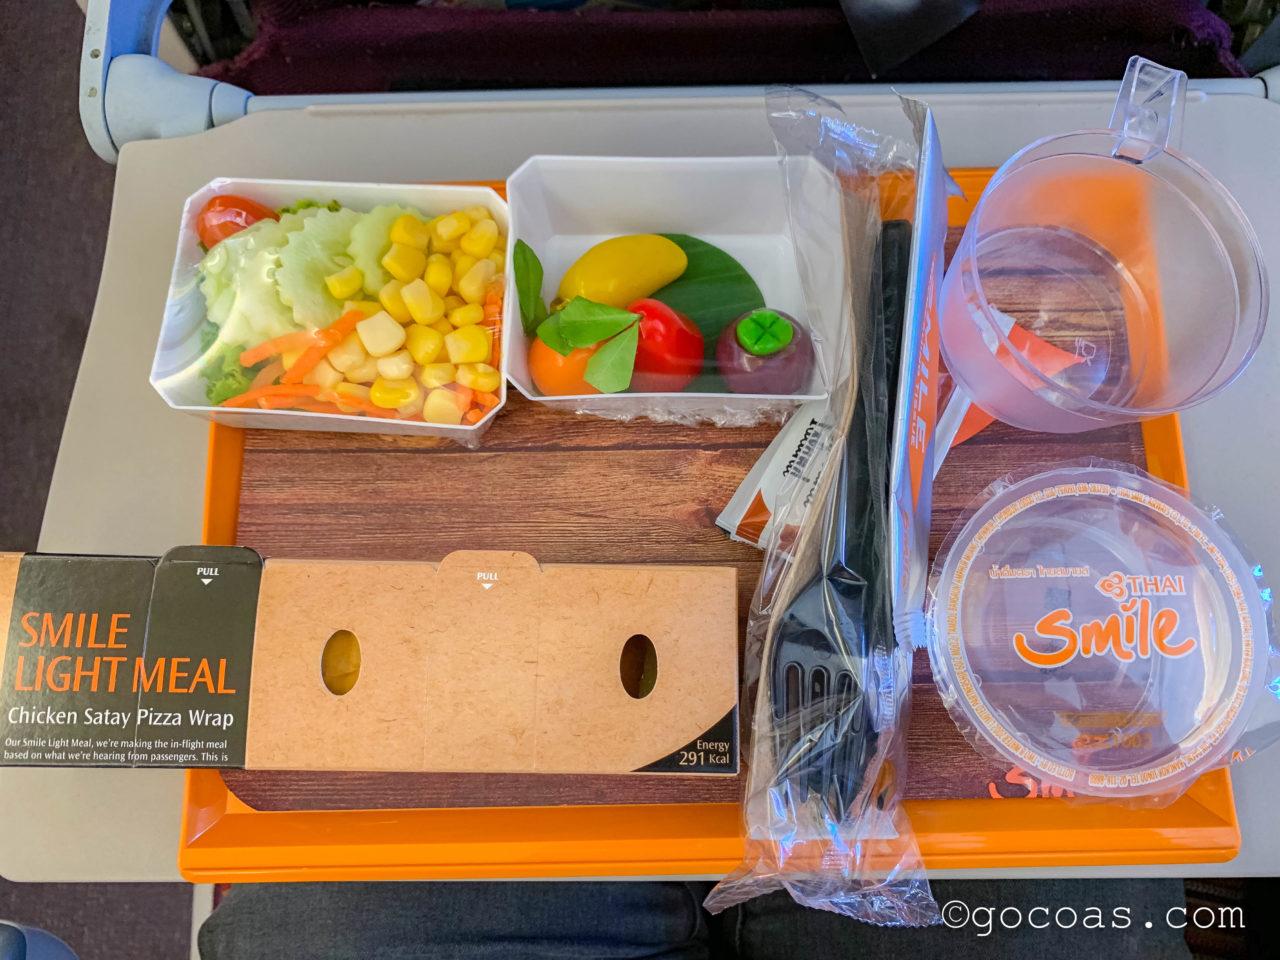 タイスマイル航空の機内食プレート